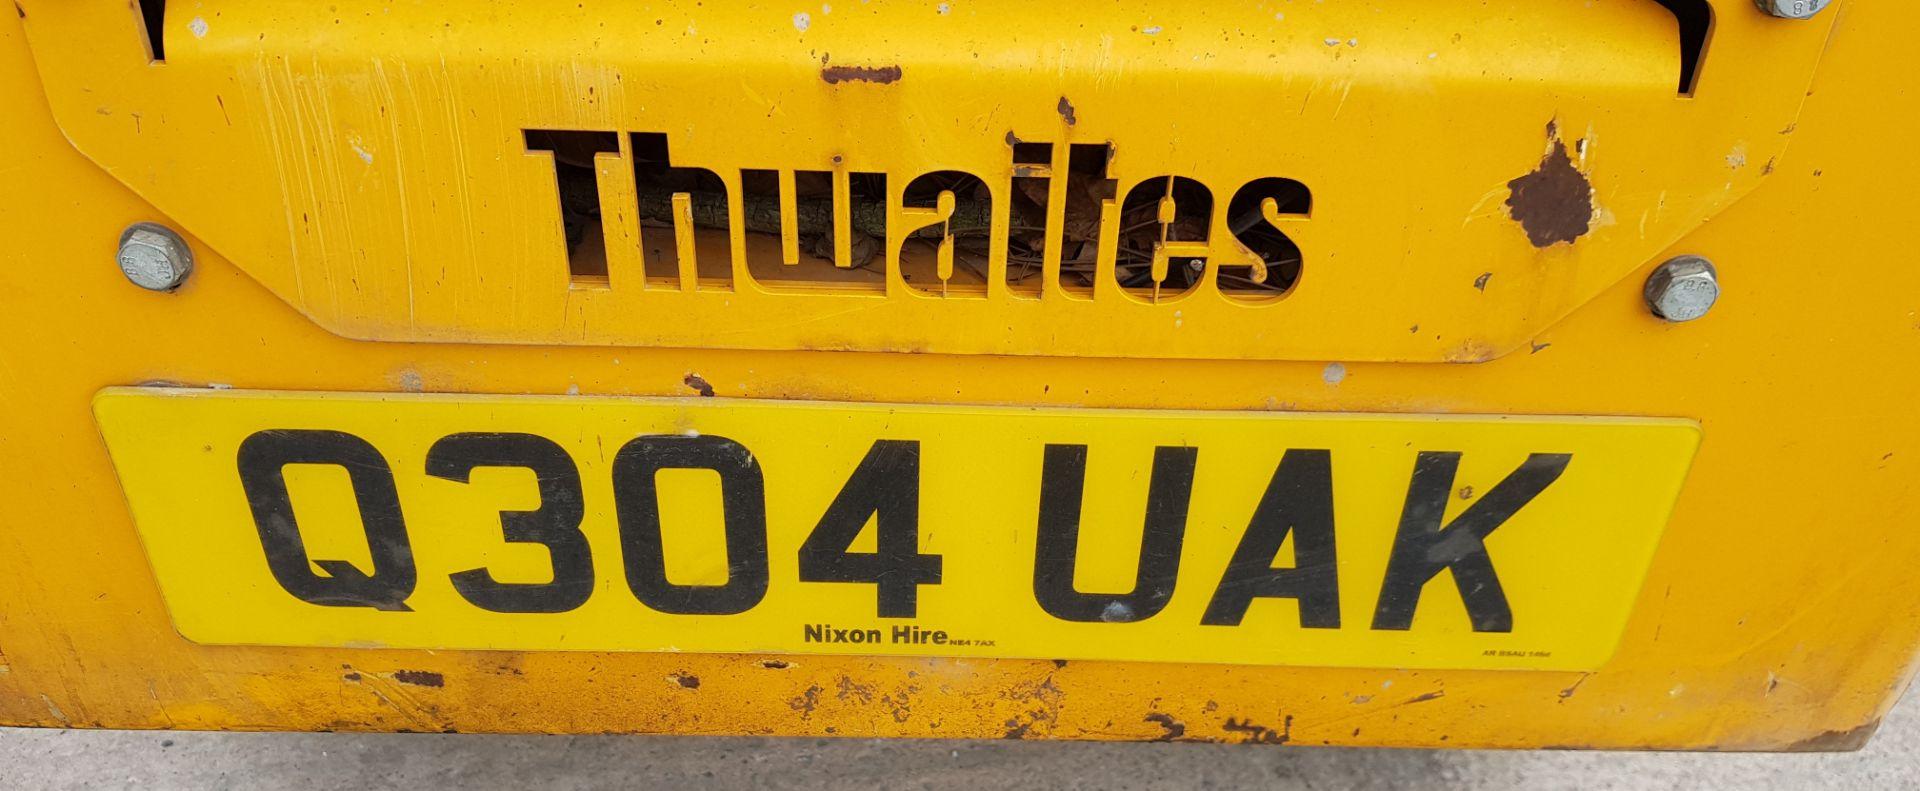 THWAITES ALL DRIVE 1 TONNE HI-TIP DUMPER ENGINE SIZE - 1115CC COLOUR - YELLOW FUEL - DIESEL - Image 7 of 8